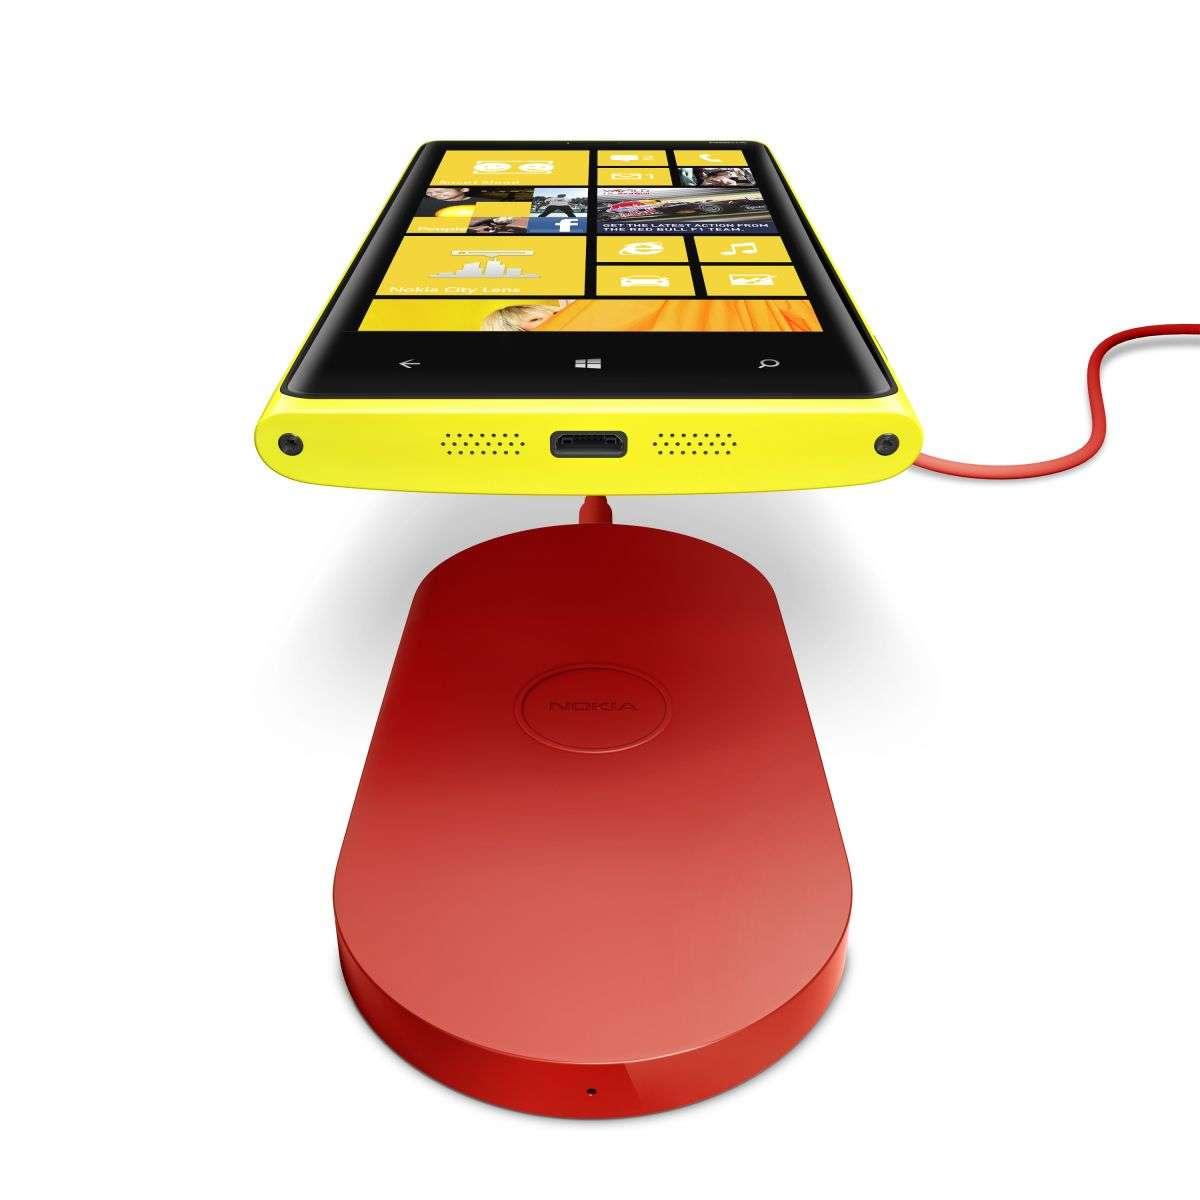 L'un des modèles de chargeur par induction que Nokia vendra en option pour les Lumia 920 et 820. © Nokia